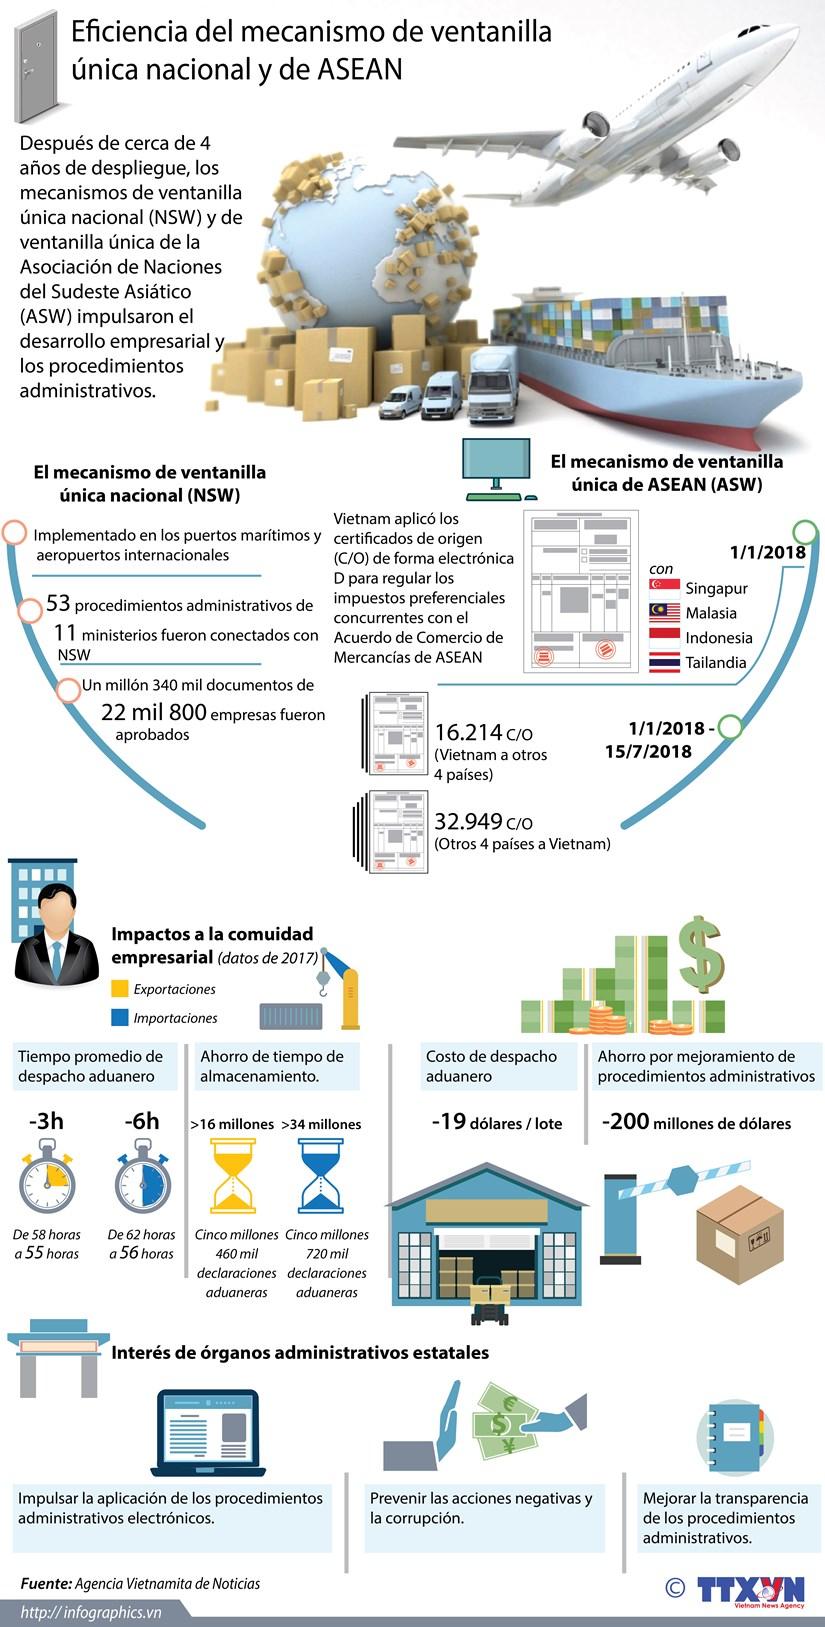 [Infografia] Eficiencia del mecanismo de ventanilla unica nacional y de ASEAN hinh anh 1